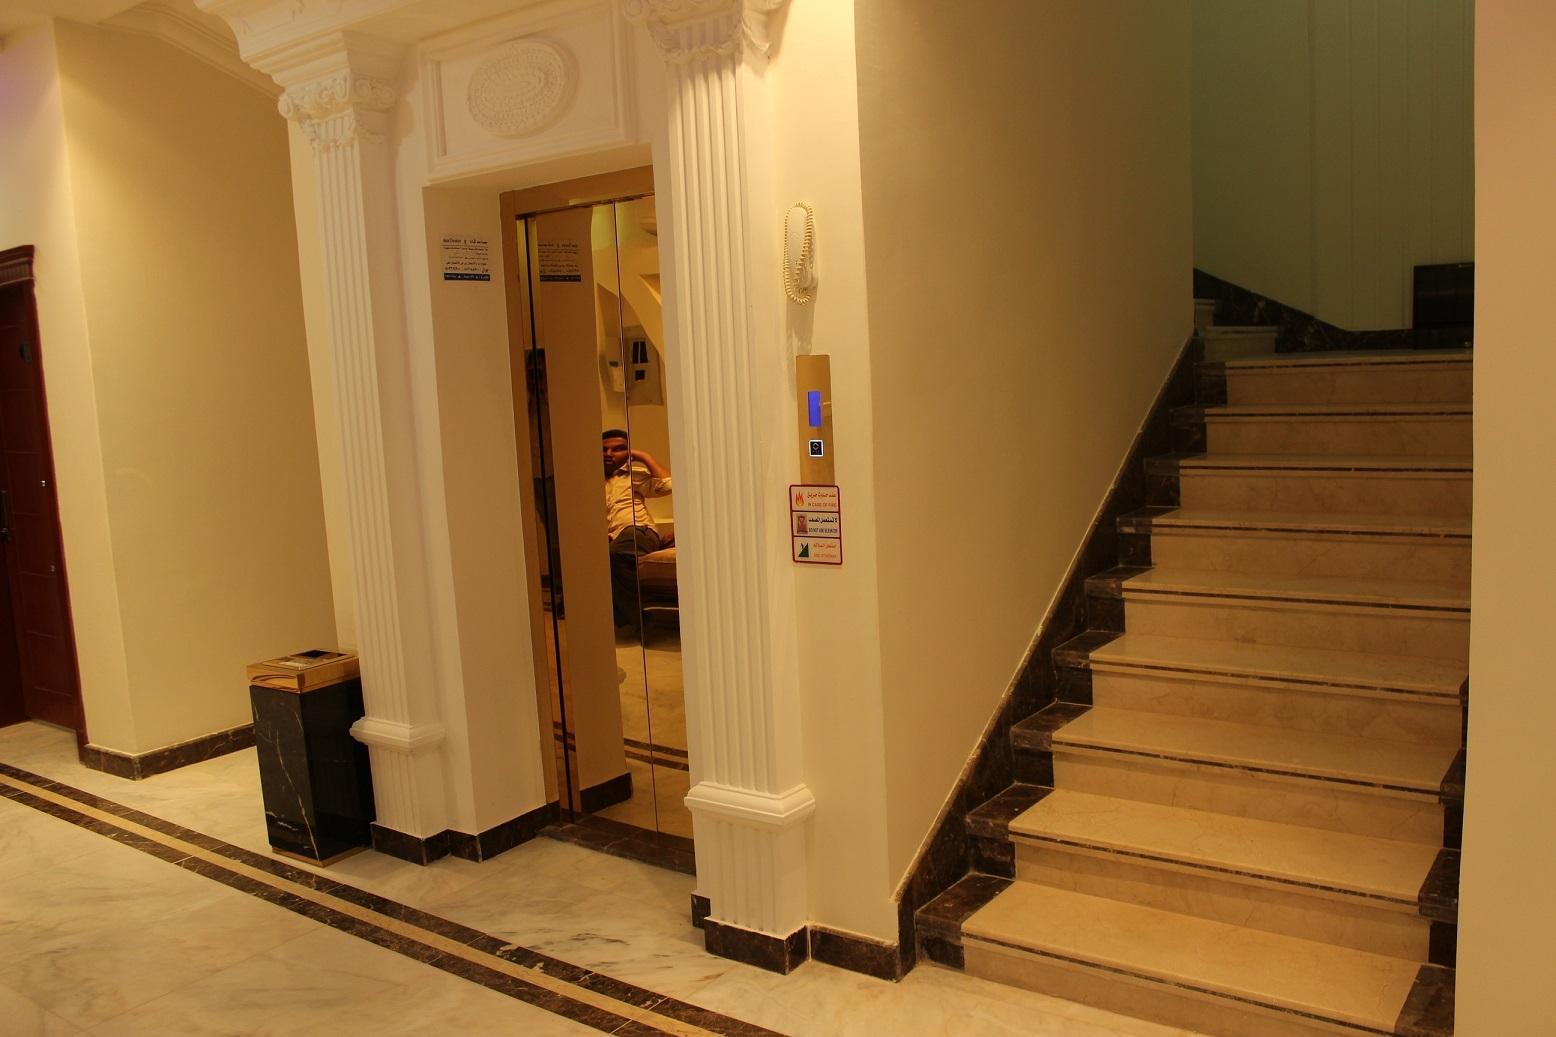 شقق أجمل مساء وحدات سكنية مفروشة الرياض 0114443919 175794790.jpg